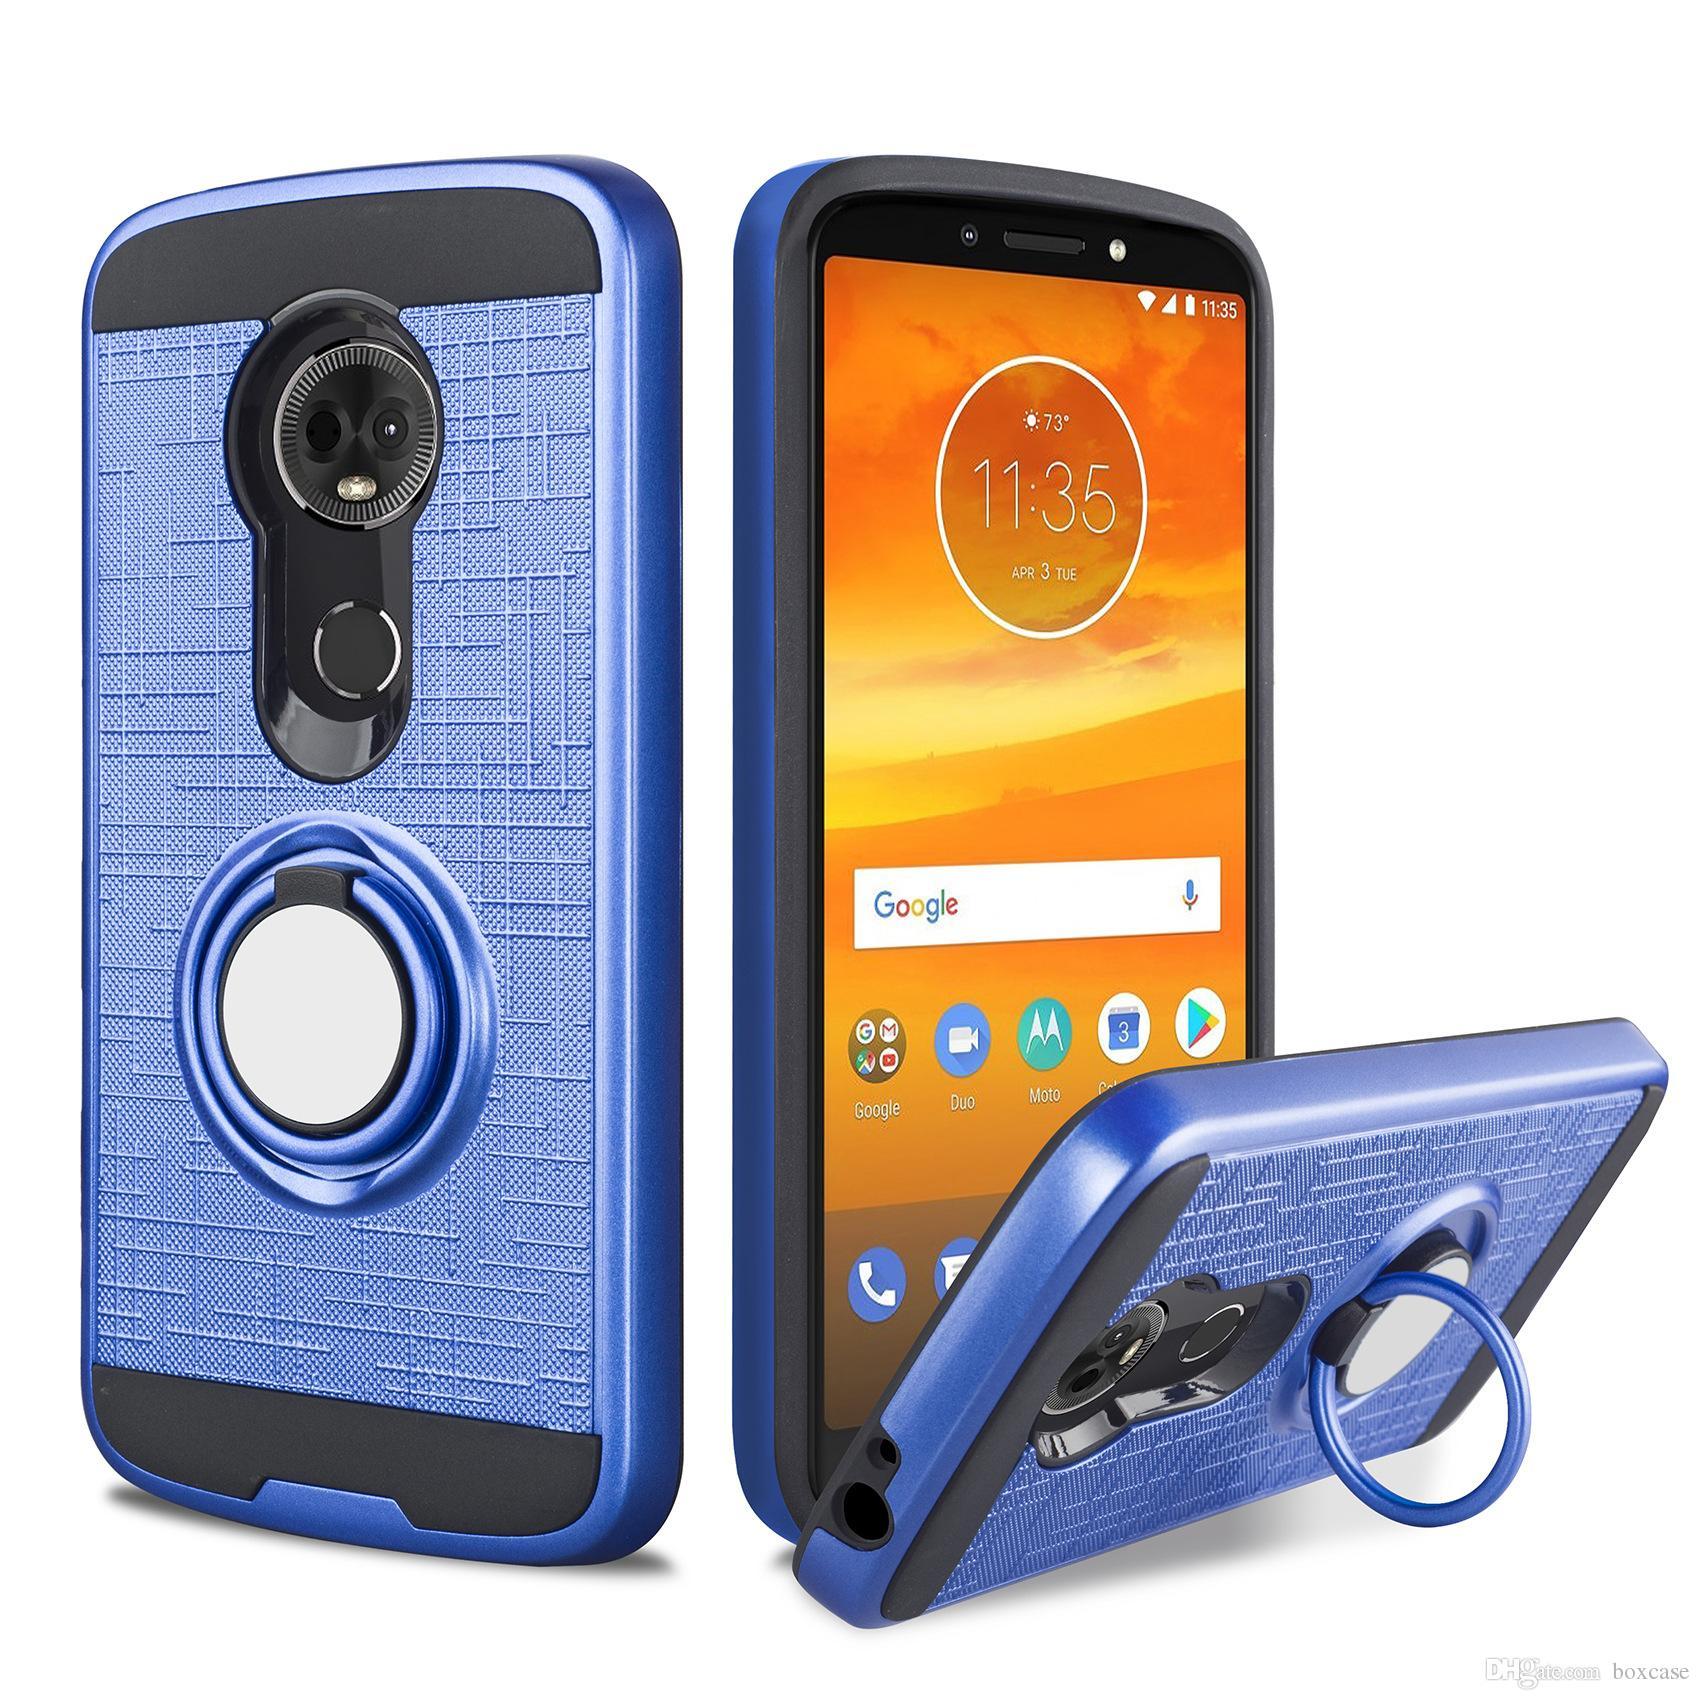 c80f7fedcd2 Estuches Para Celular Caja Del Anillo Del Teléfono Del Soporte Híbrido  Magnético Para Motorola Moto G7 E5 Play Go X5 G6 Plus G5s C Z2 Cubierta A  Prueba De ...